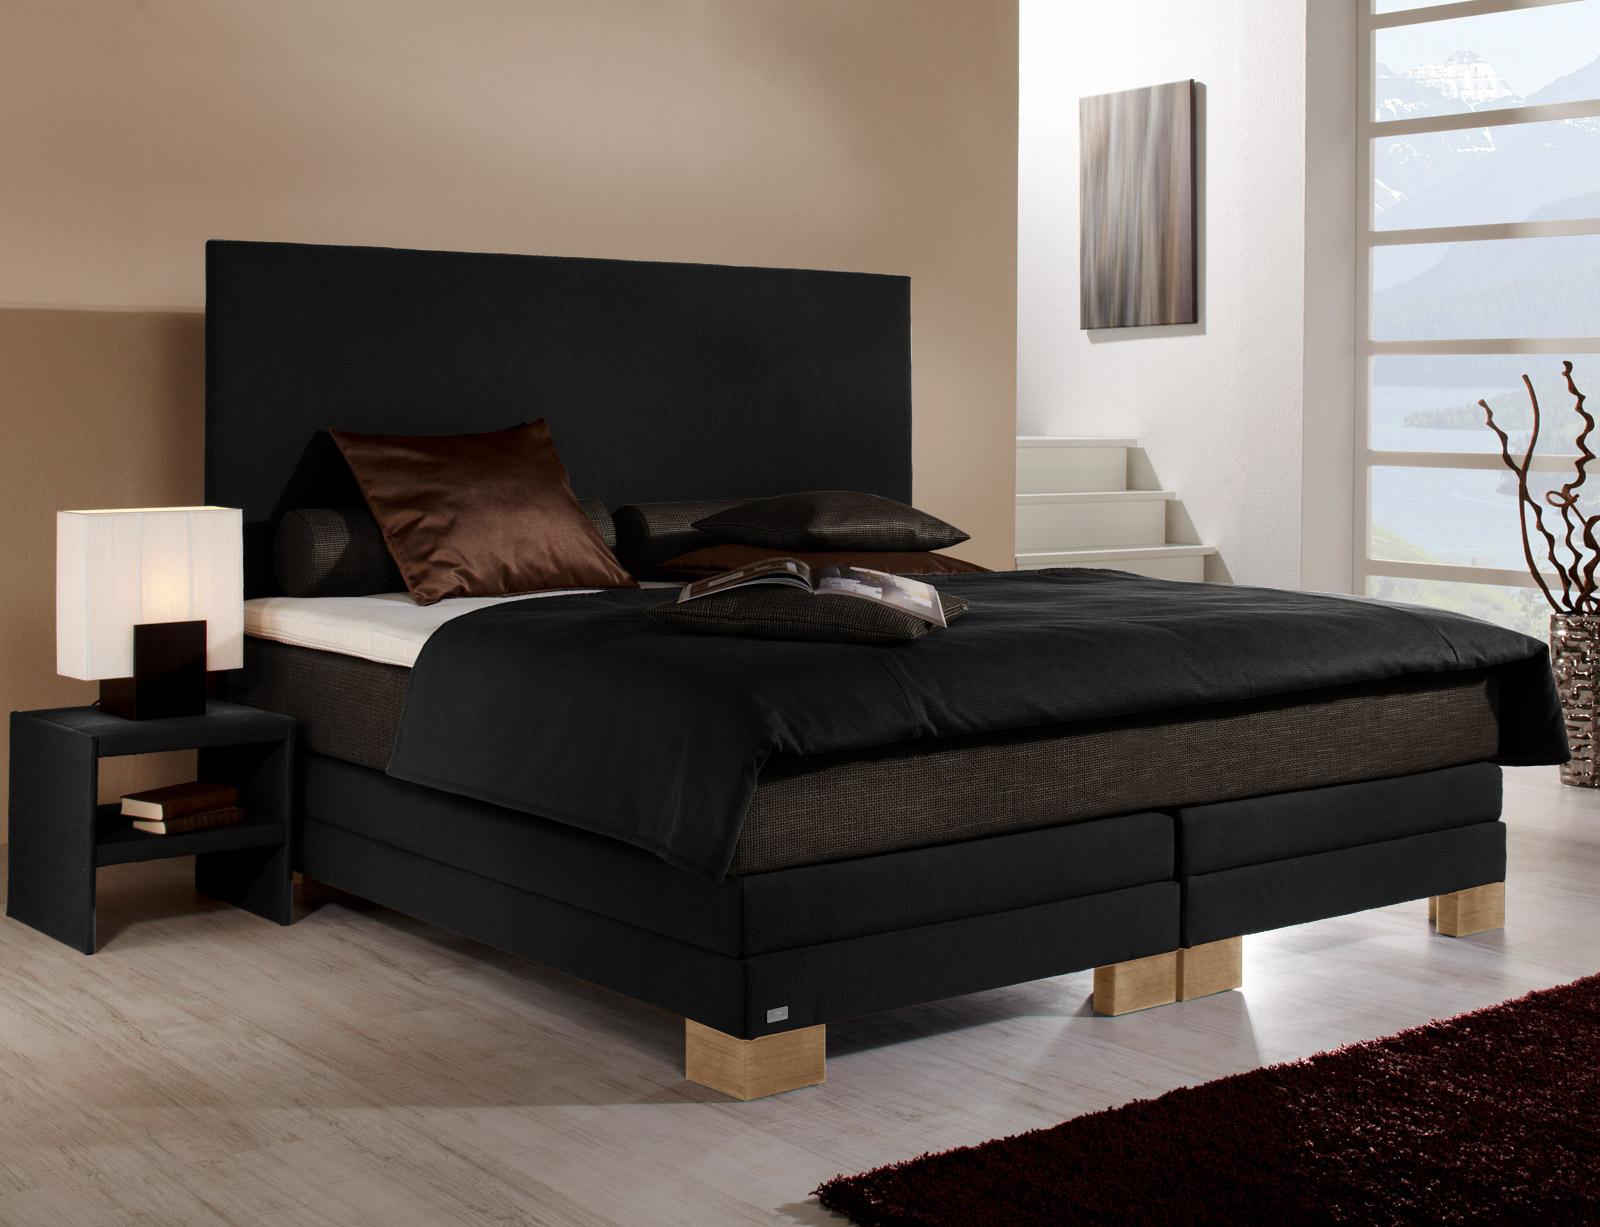 boxspringbett teneriffa in braun mit hohem kopfteil. Black Bedroom Furniture Sets. Home Design Ideas